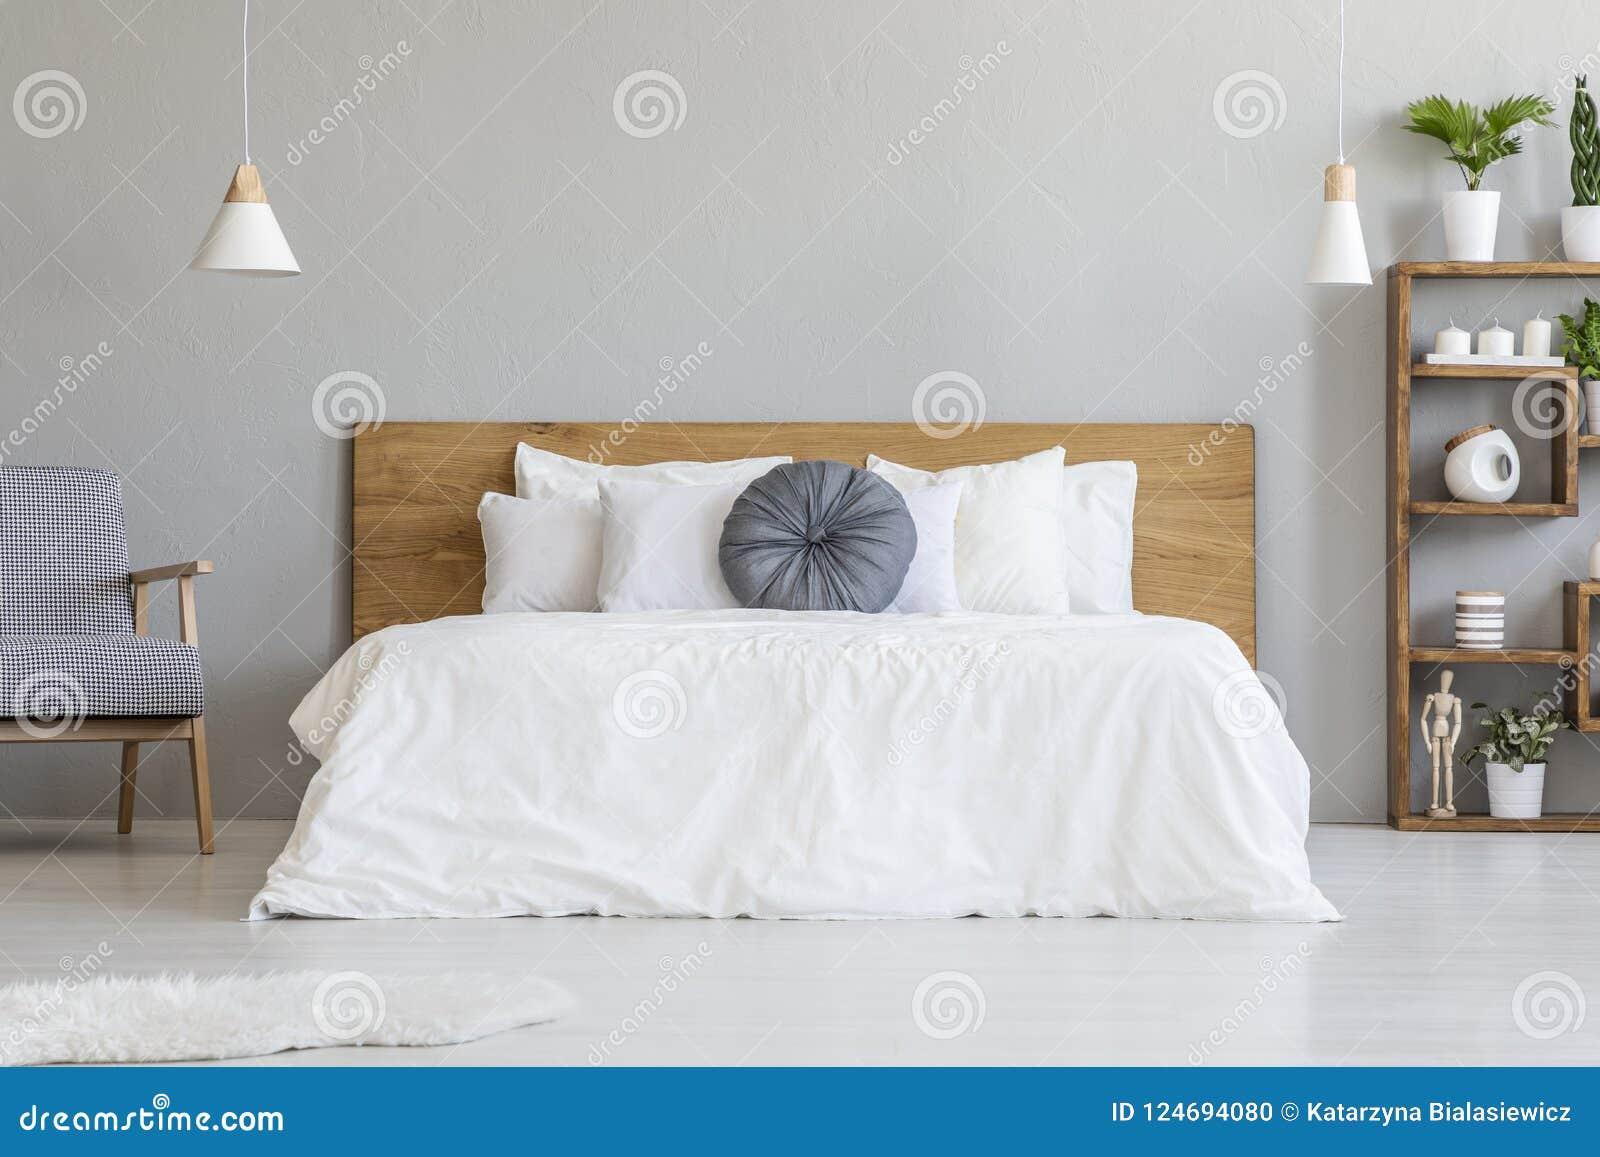 Μπλε μαξιλάρι στο άσπρο κρεβάτι με ξύλινο headboard στο interi κρεβατοκάμαρων